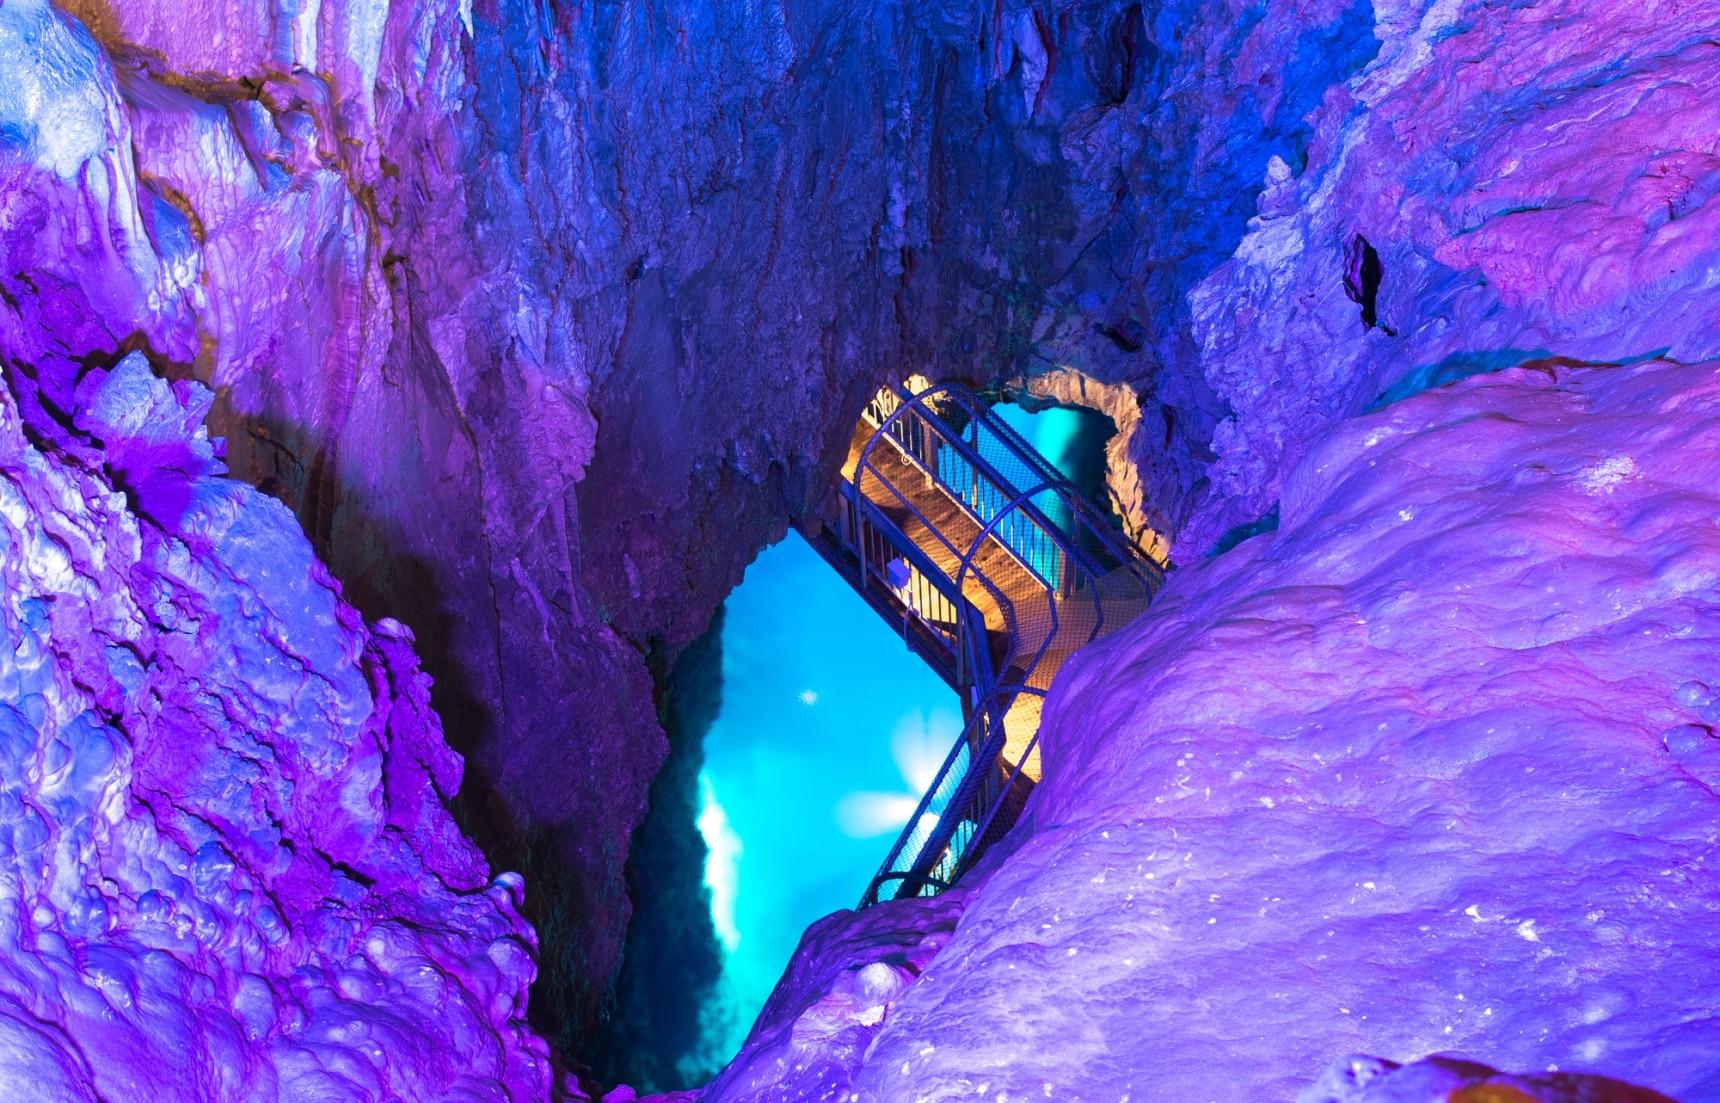 ชมความงามแสนลึกลับของถ้ำสวย 10 แห่งในญี่ปุ่น